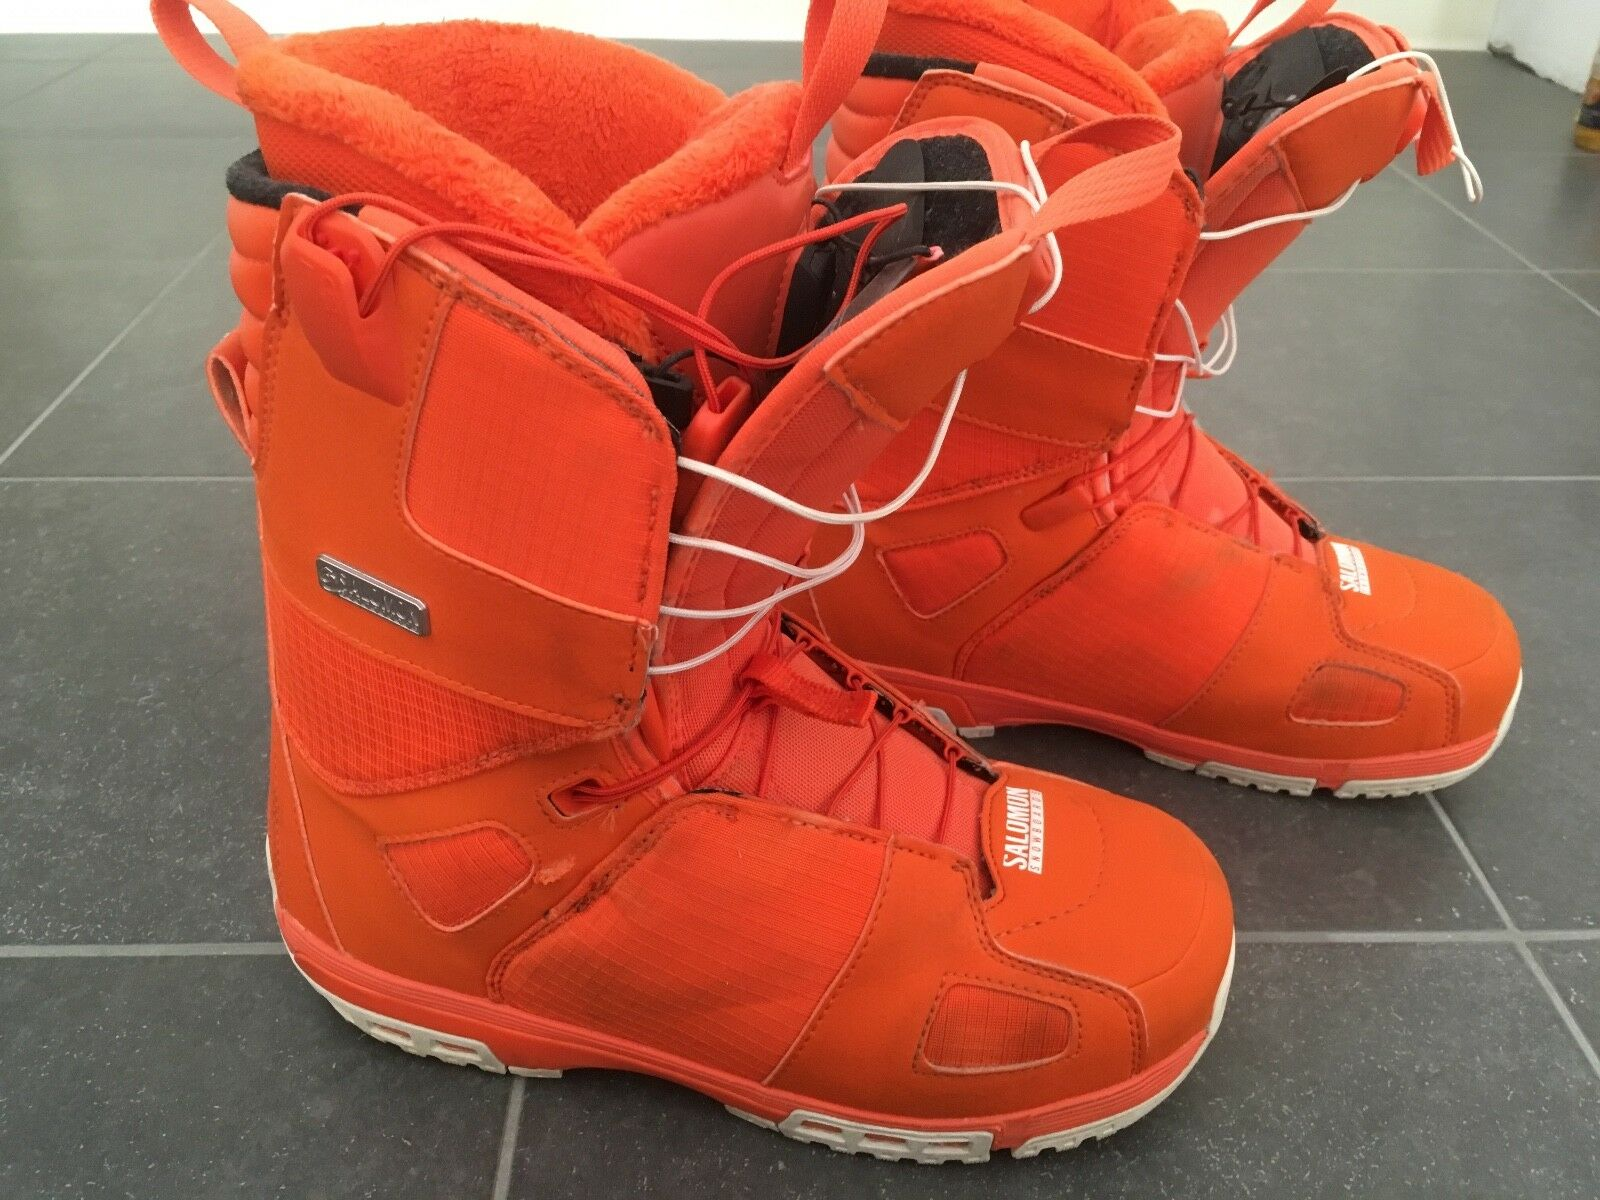 Salomon Snowboardschuhe orange, Größe 41